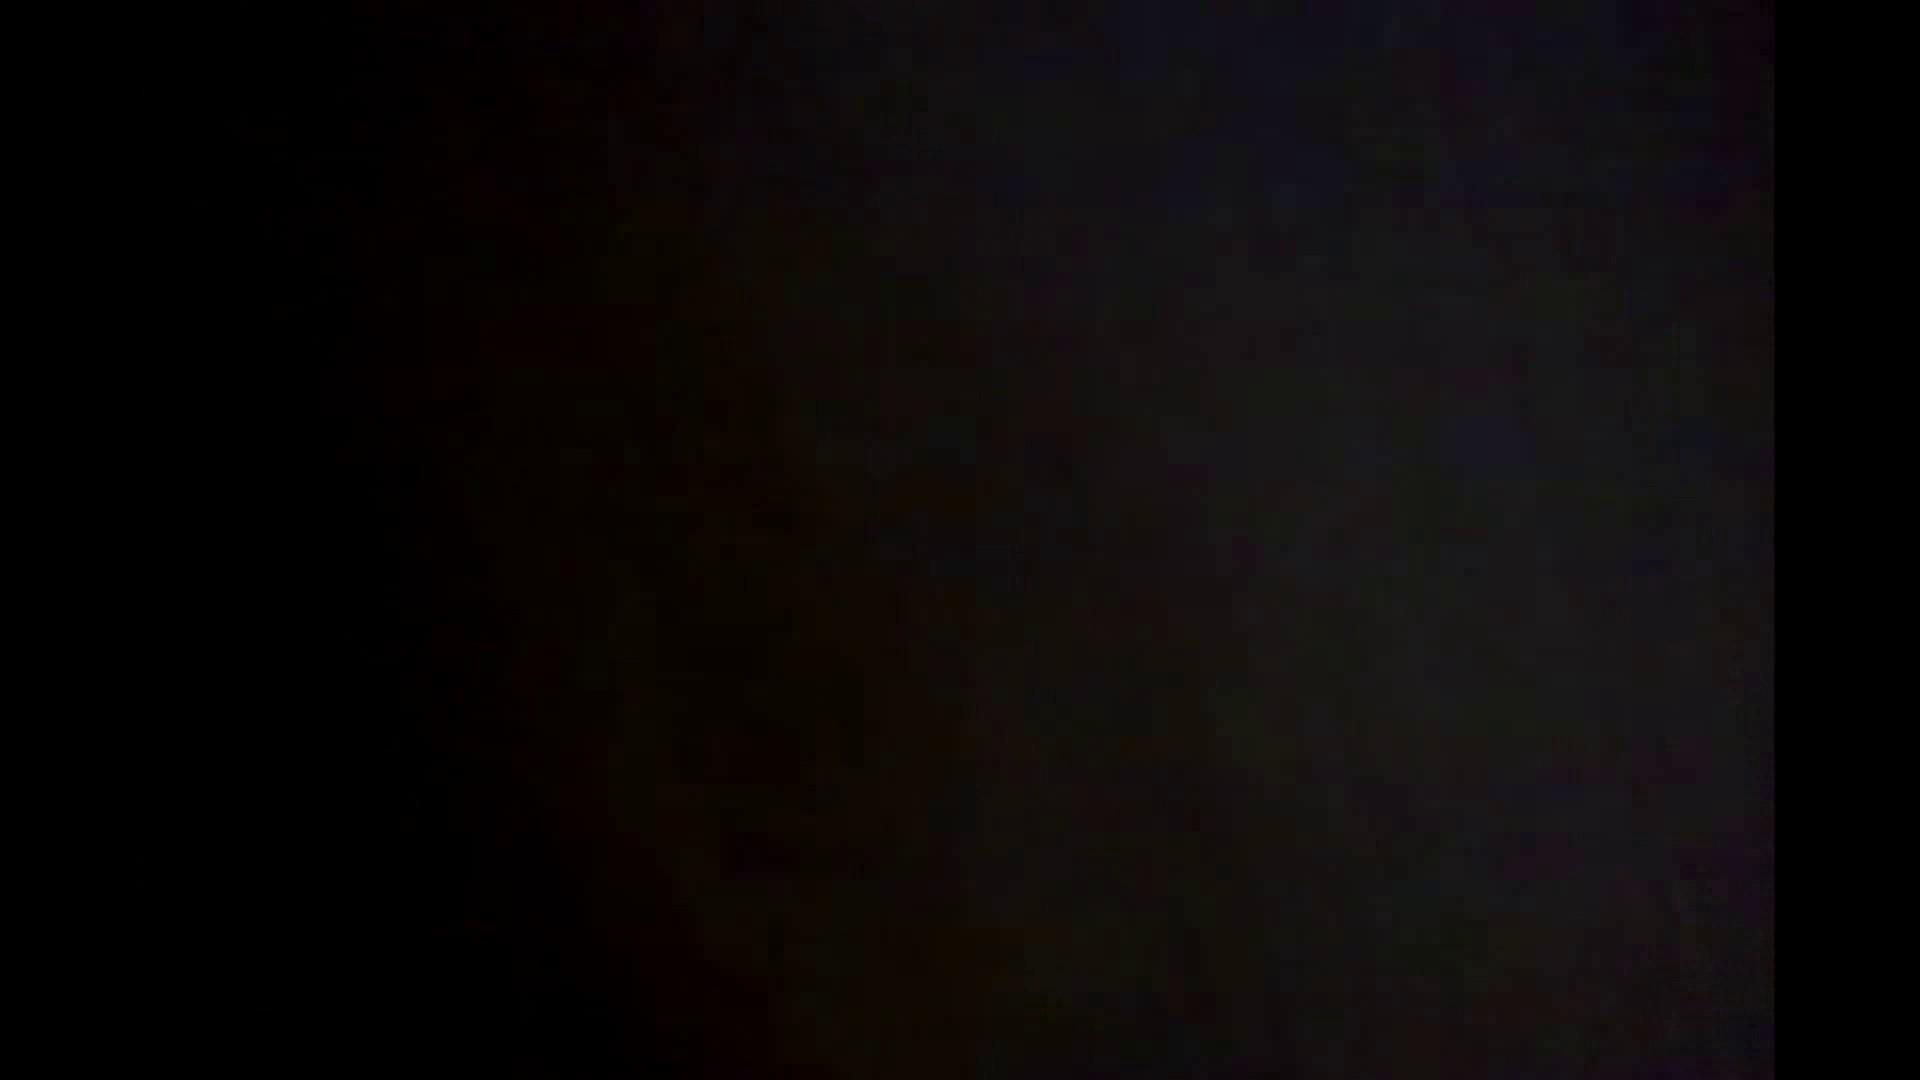 潜入!!韓国秘密のトイレ!Vol.05 女子トイレ 盗撮オメコ無修正動画無料 78画像 44